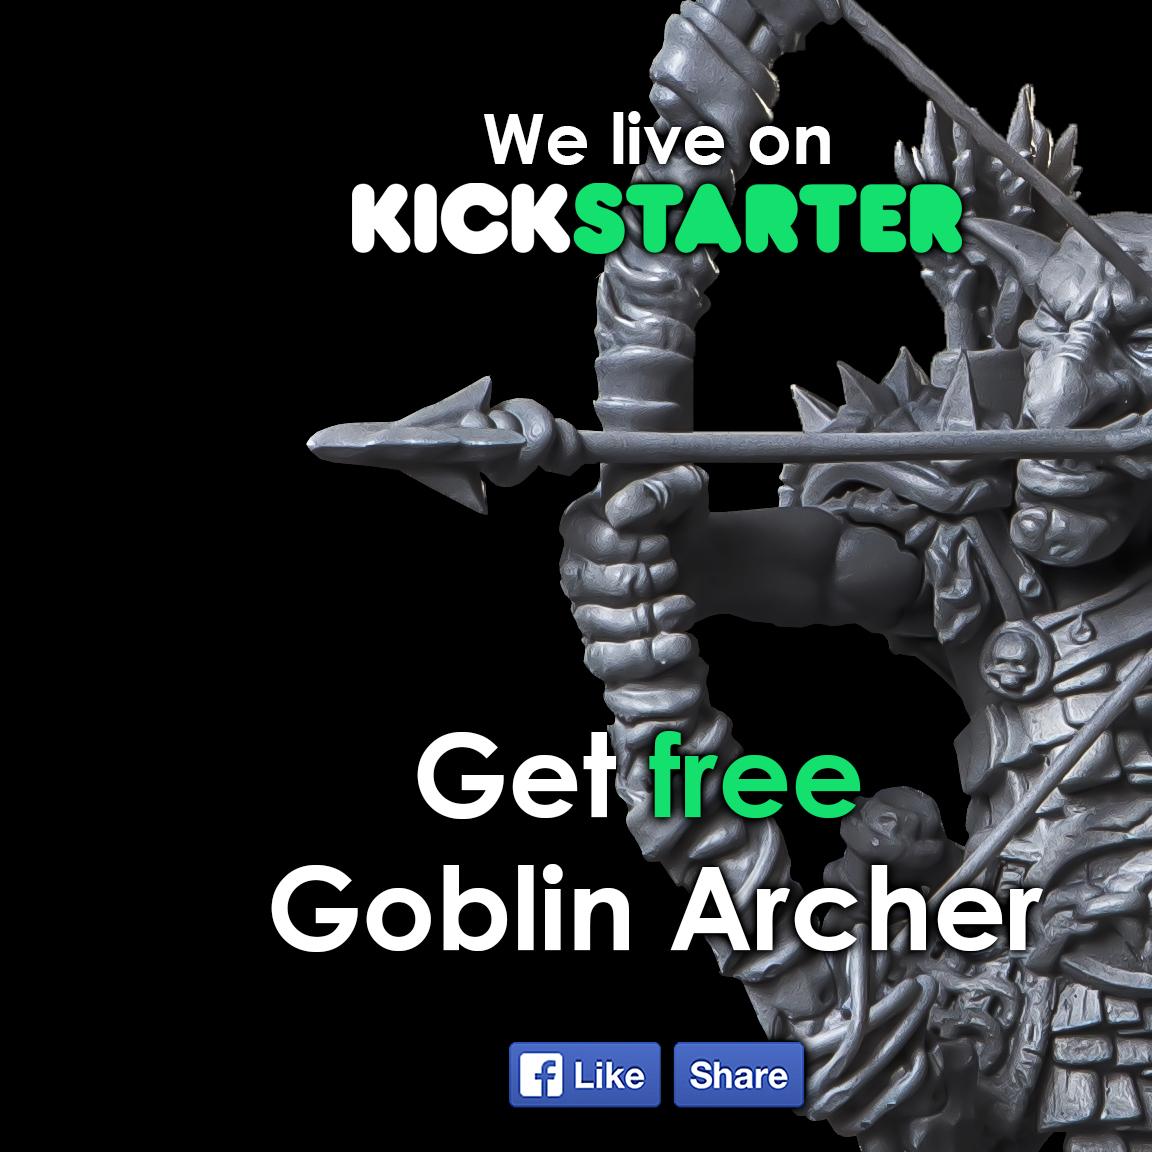 KICKSTARTER LIVE - Orc and Goblin